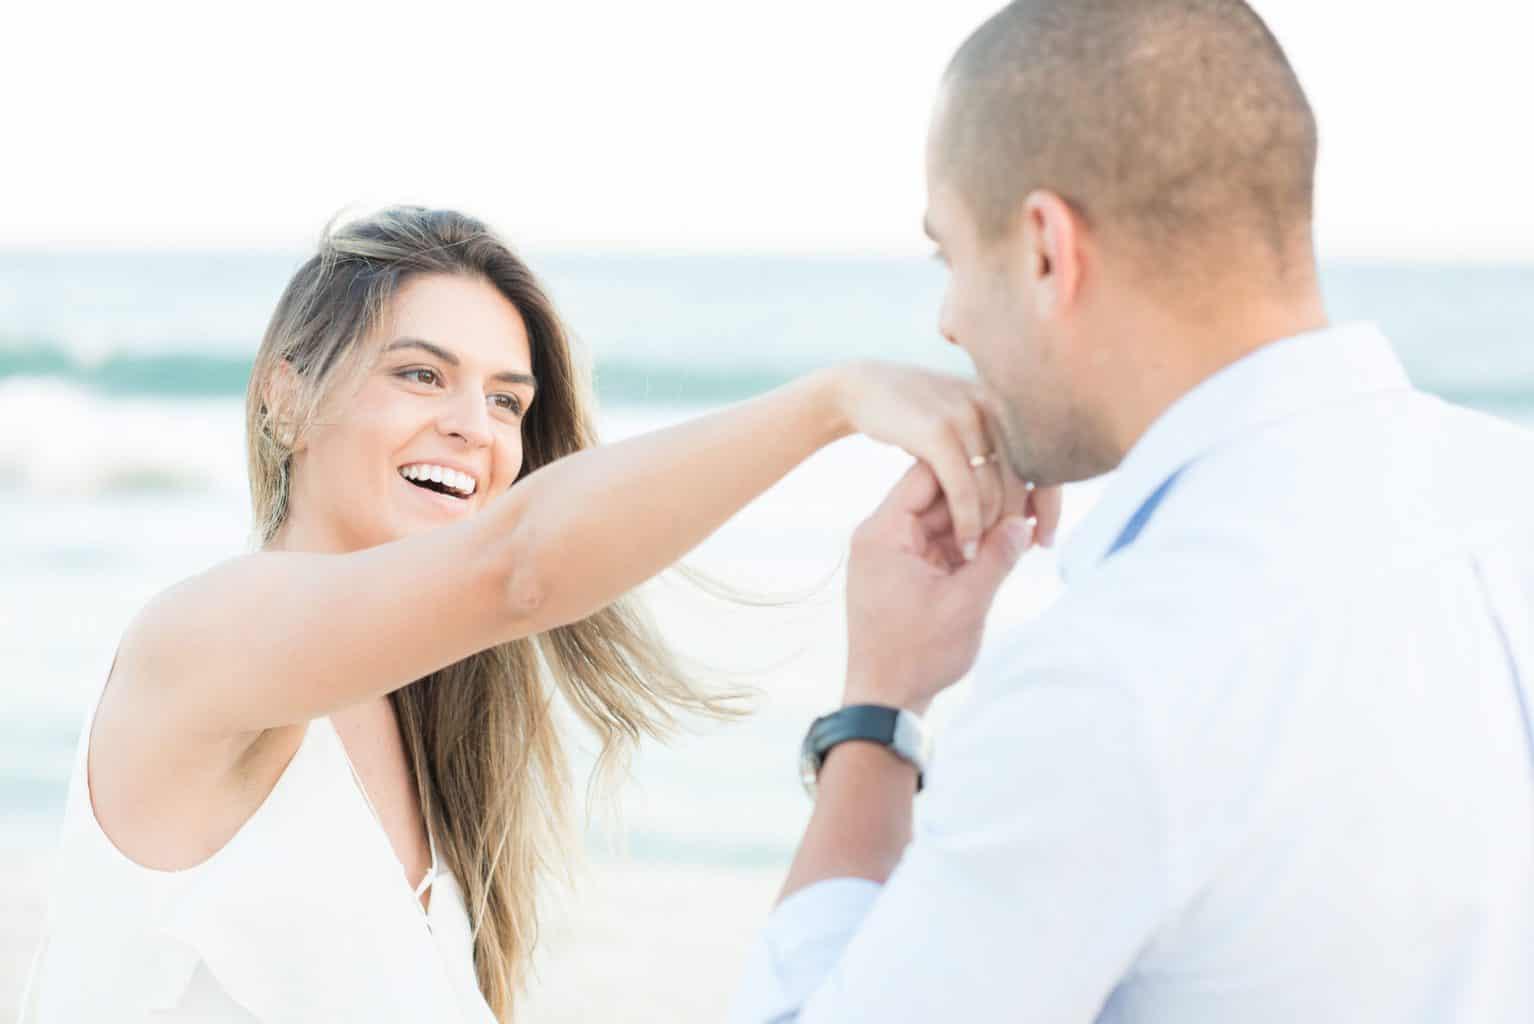 Pre-Wedding_8108Ensaio-fotográfico-Marina-Fava-Poses-CaseMe7360-x-4912